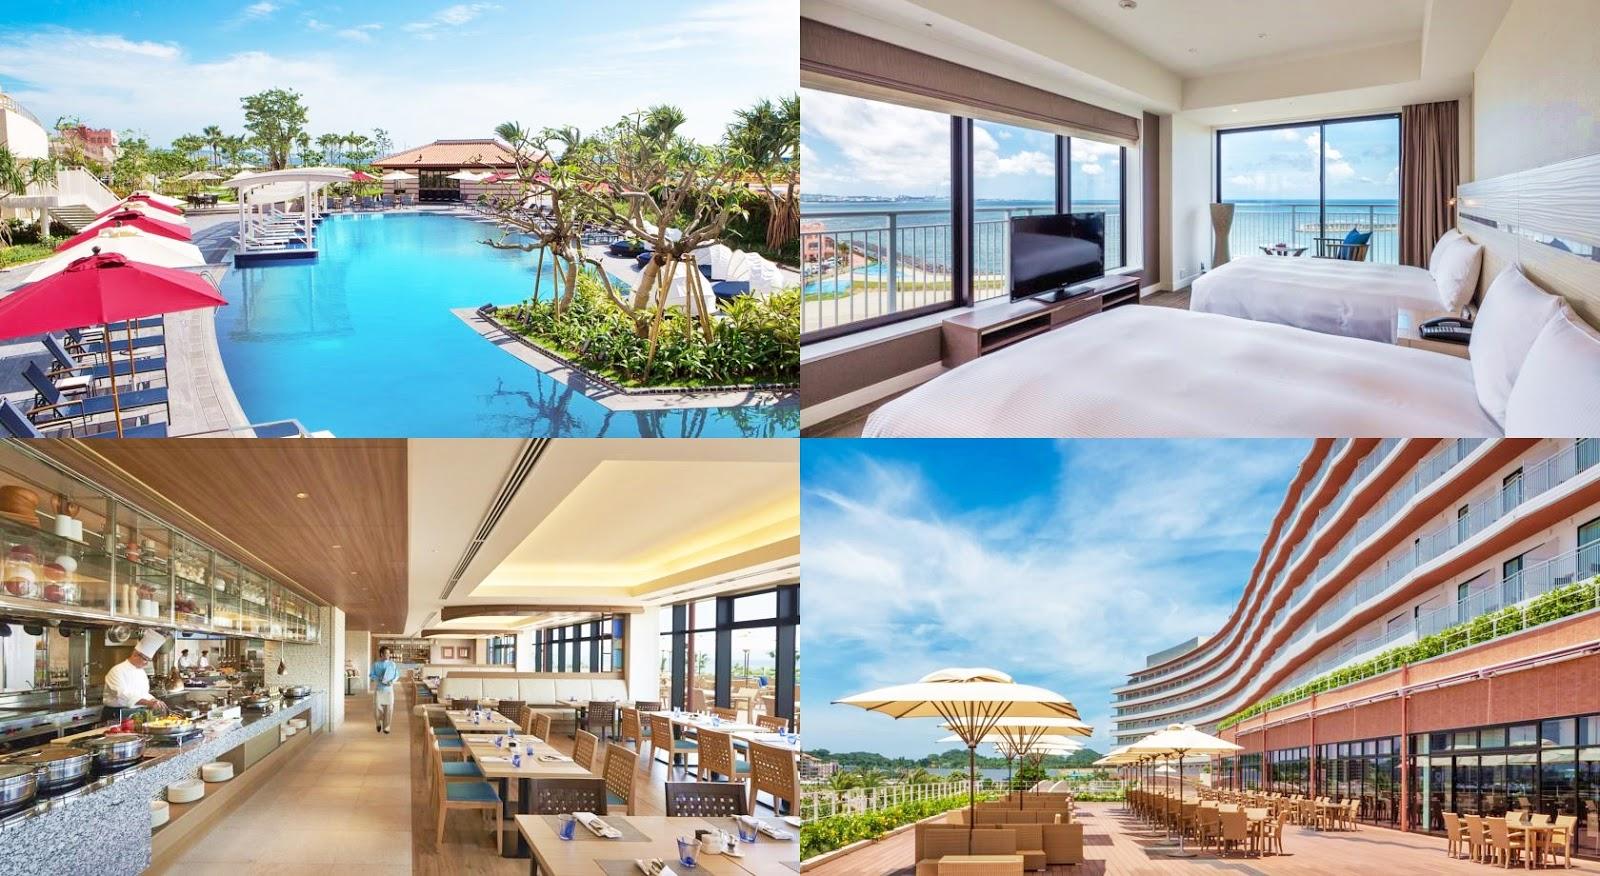 沖繩-住宿-推薦-沖繩北谷希爾頓度假村-Hilton-Okinawa-Chatan-Resort-Okinawa-hotel-recommendation